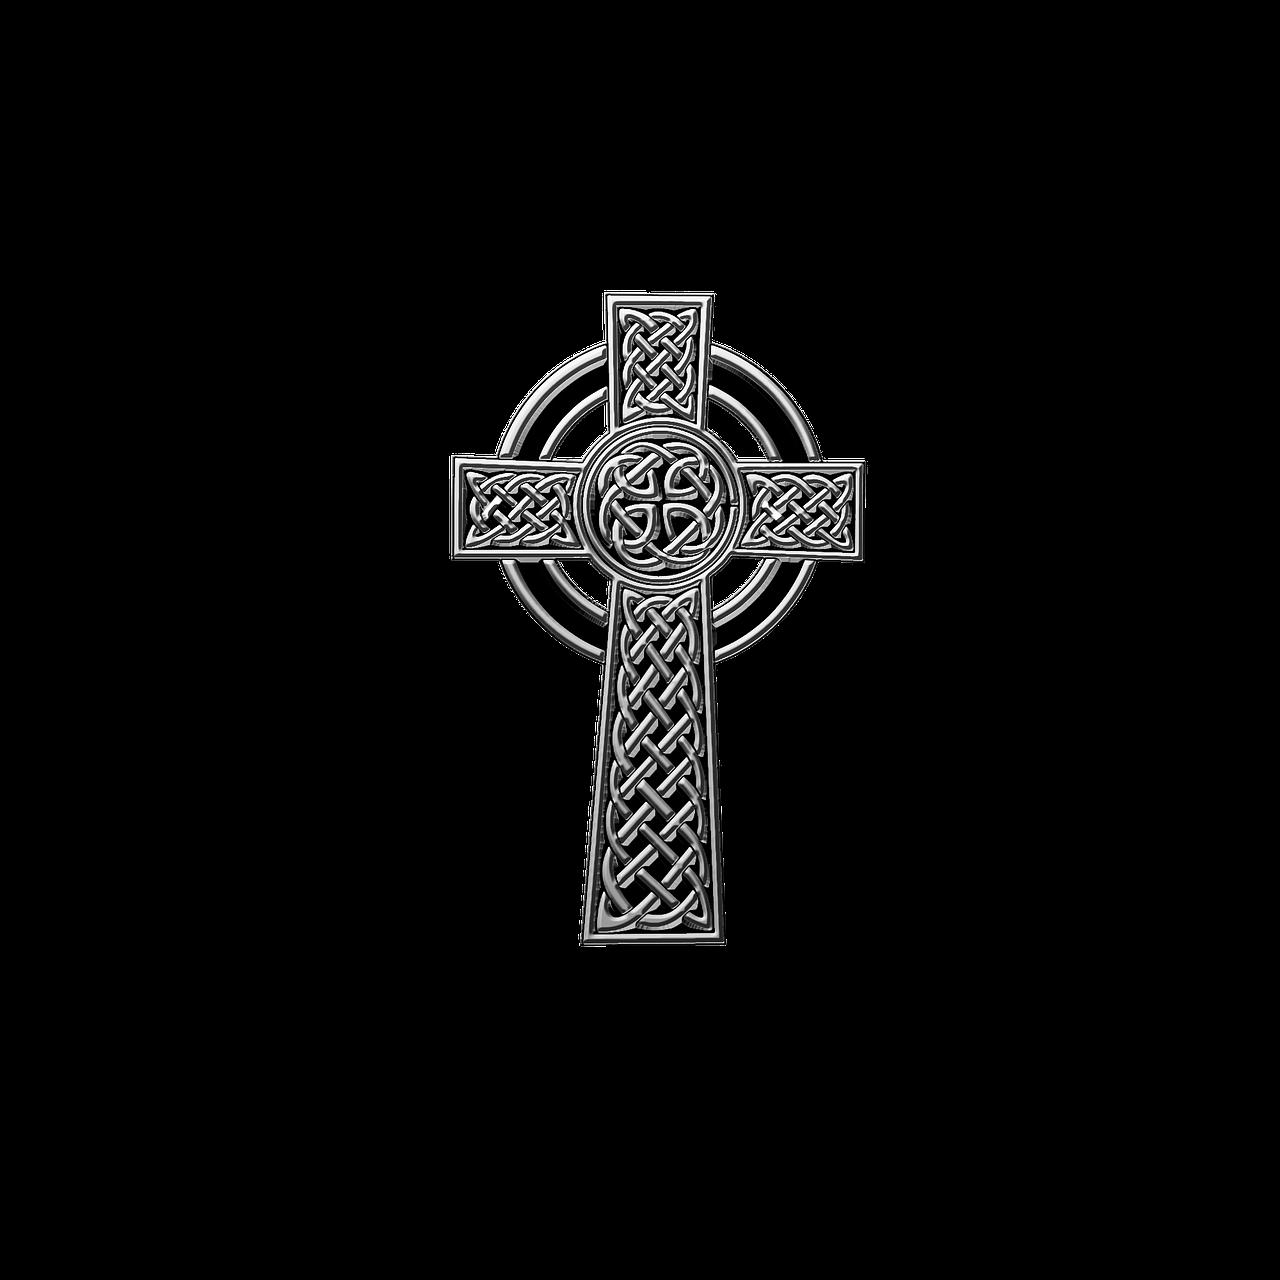 кельтский крест картинками закон